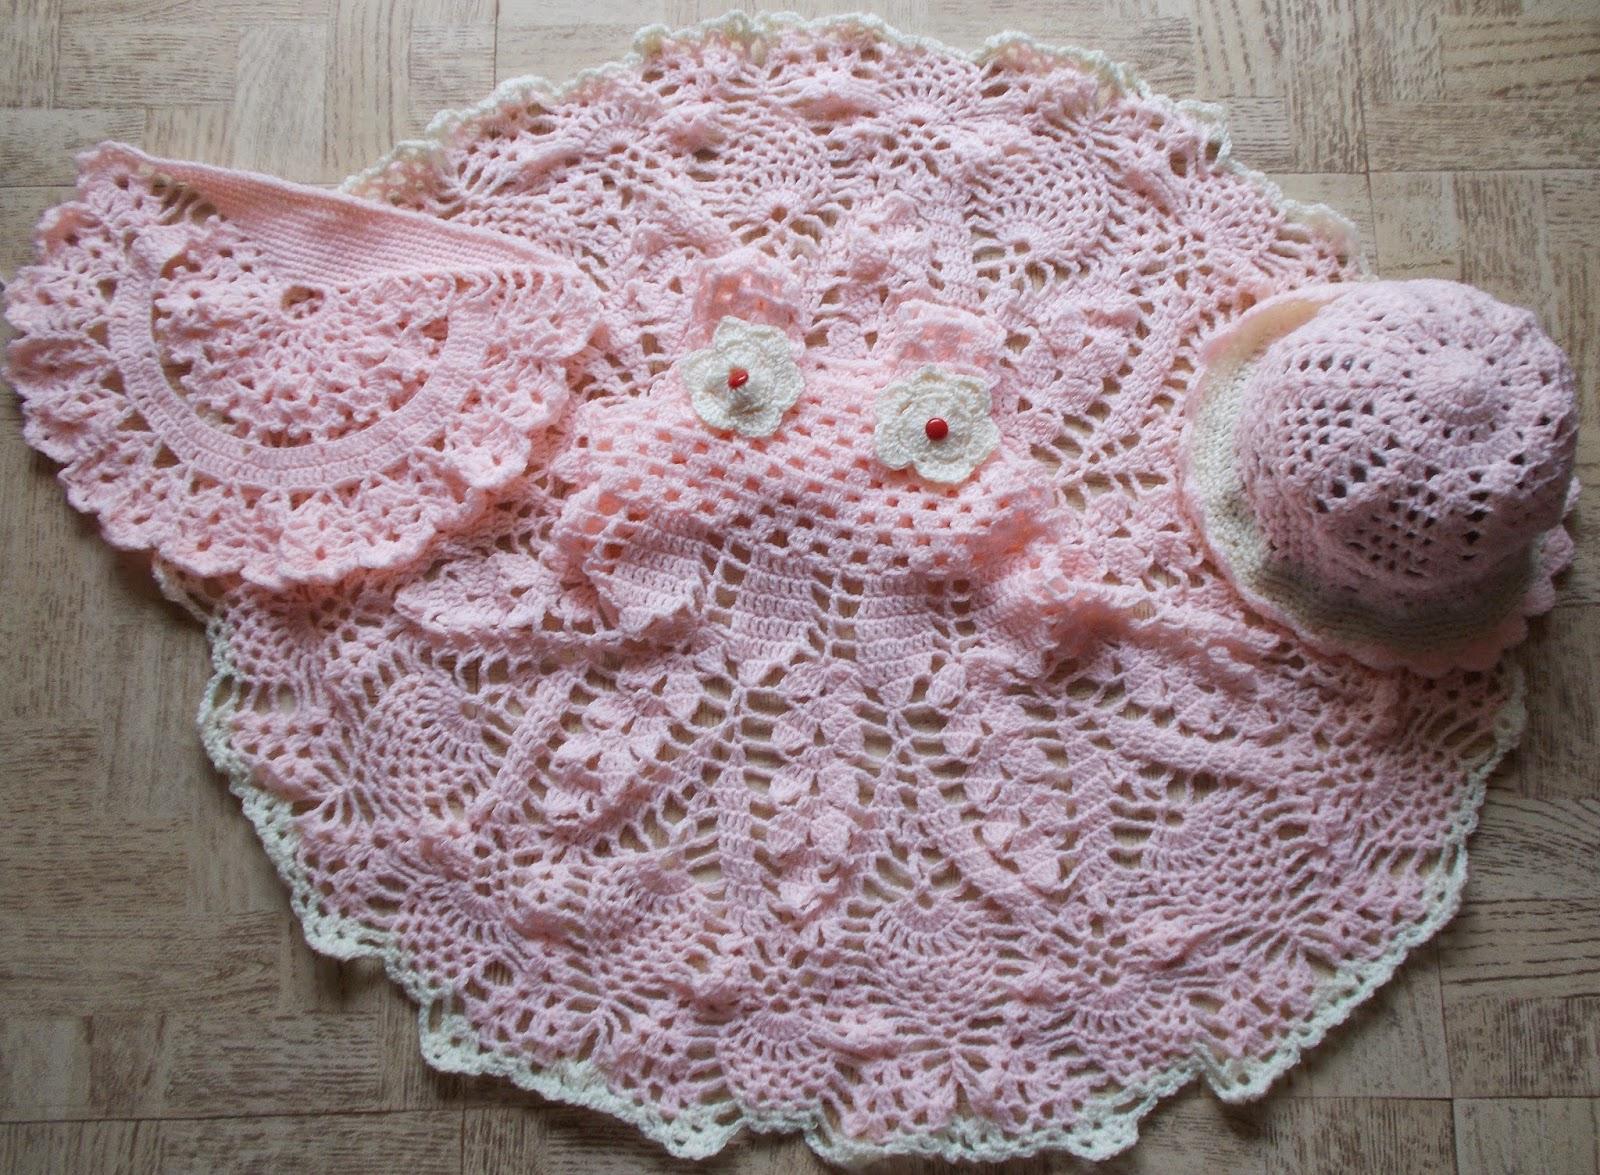 free crochet cap pattern, free crochet bag pattern